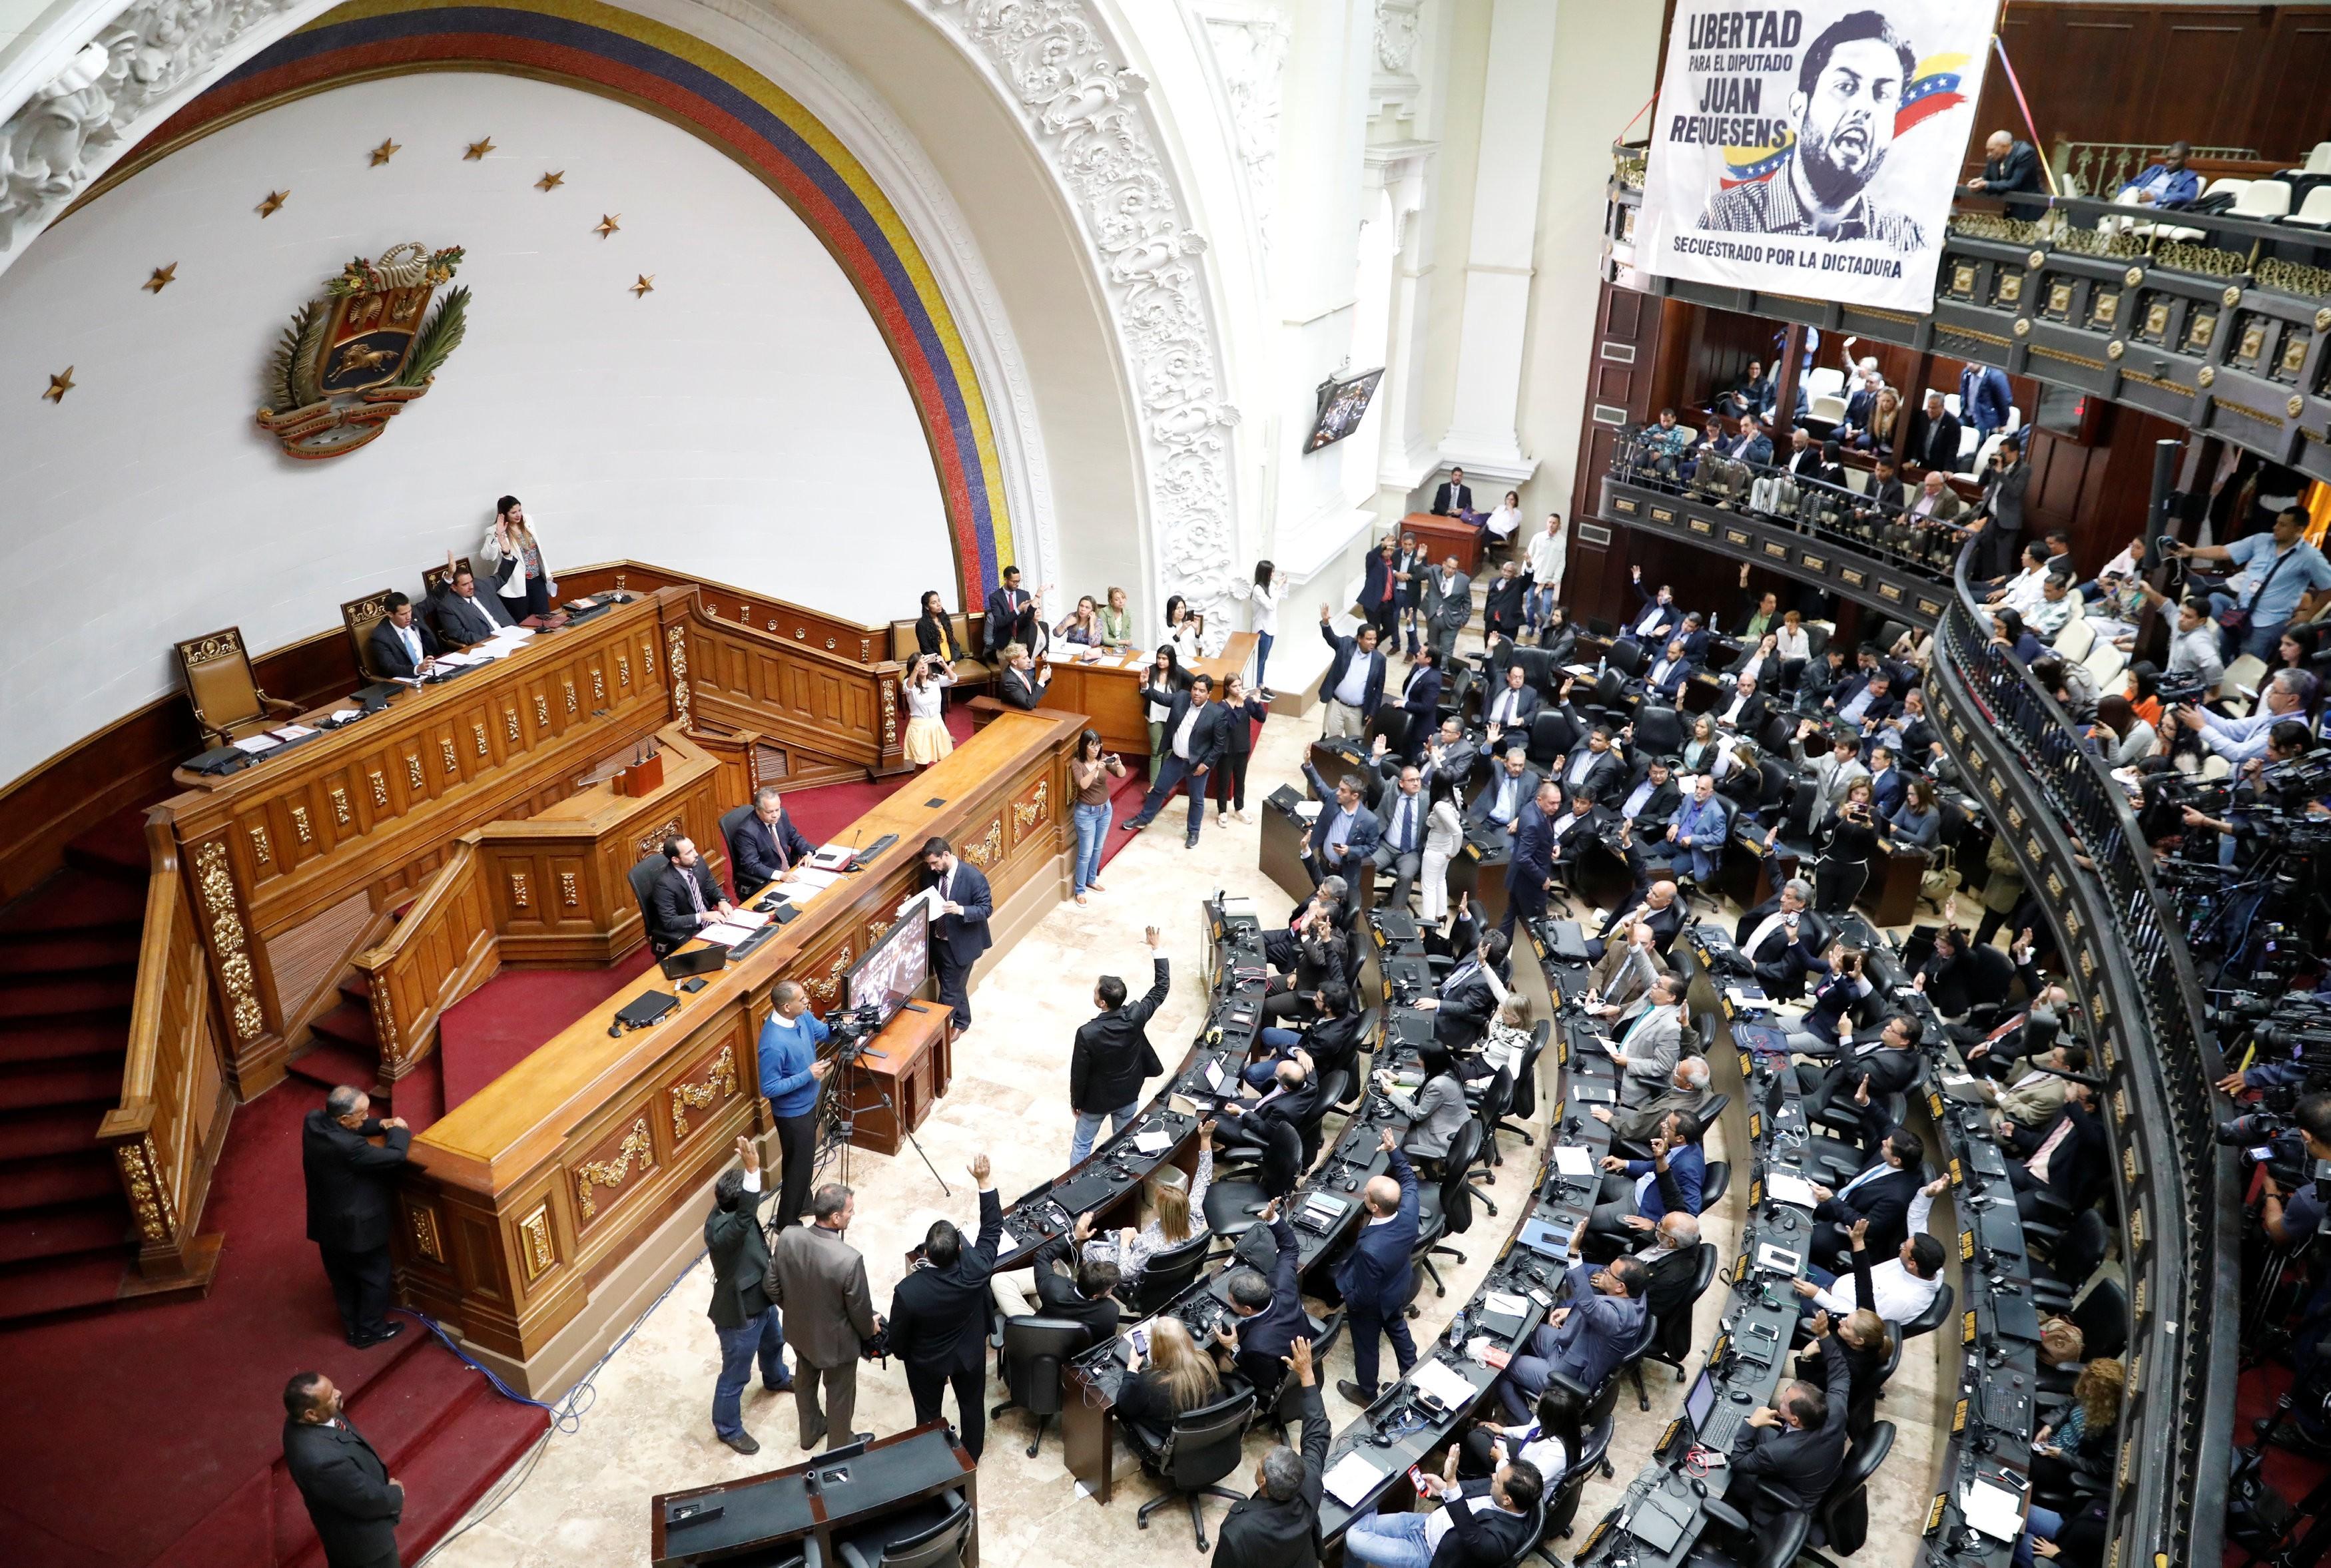 Assembleia Nacional da Venezuela declara Nicolás Maduro 'usurpador' do cargo de presidente